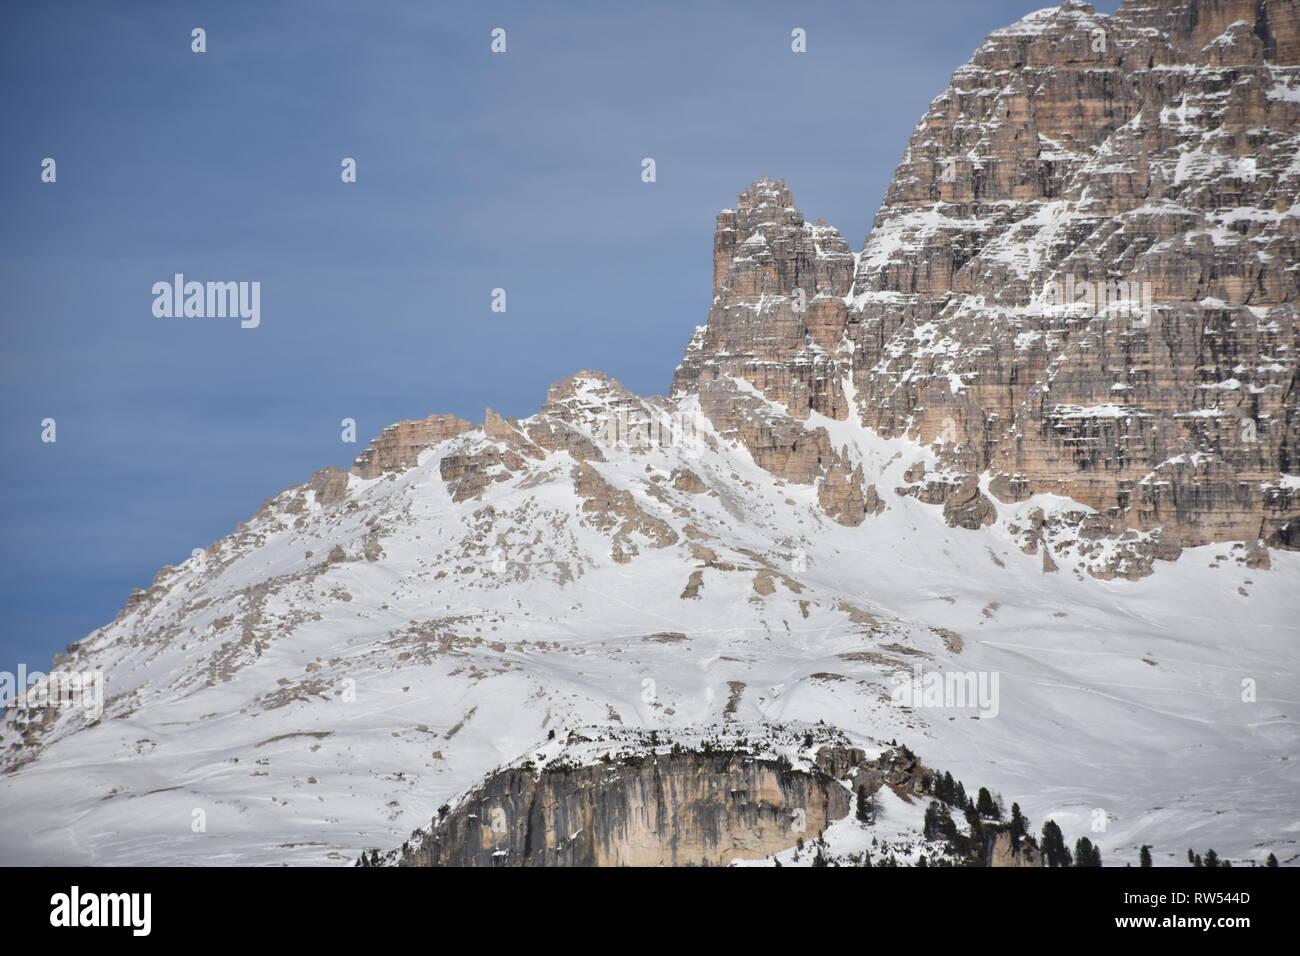 Italien, Dolomiten, Drei Zinnen, Monte Piano, Zinnen, Winter, Fels, Eis, Schnee, See, Monte Cristallo, Cima Cadin di San Lucano, 3 Cime, 3 Cime di Lav Stock Photo